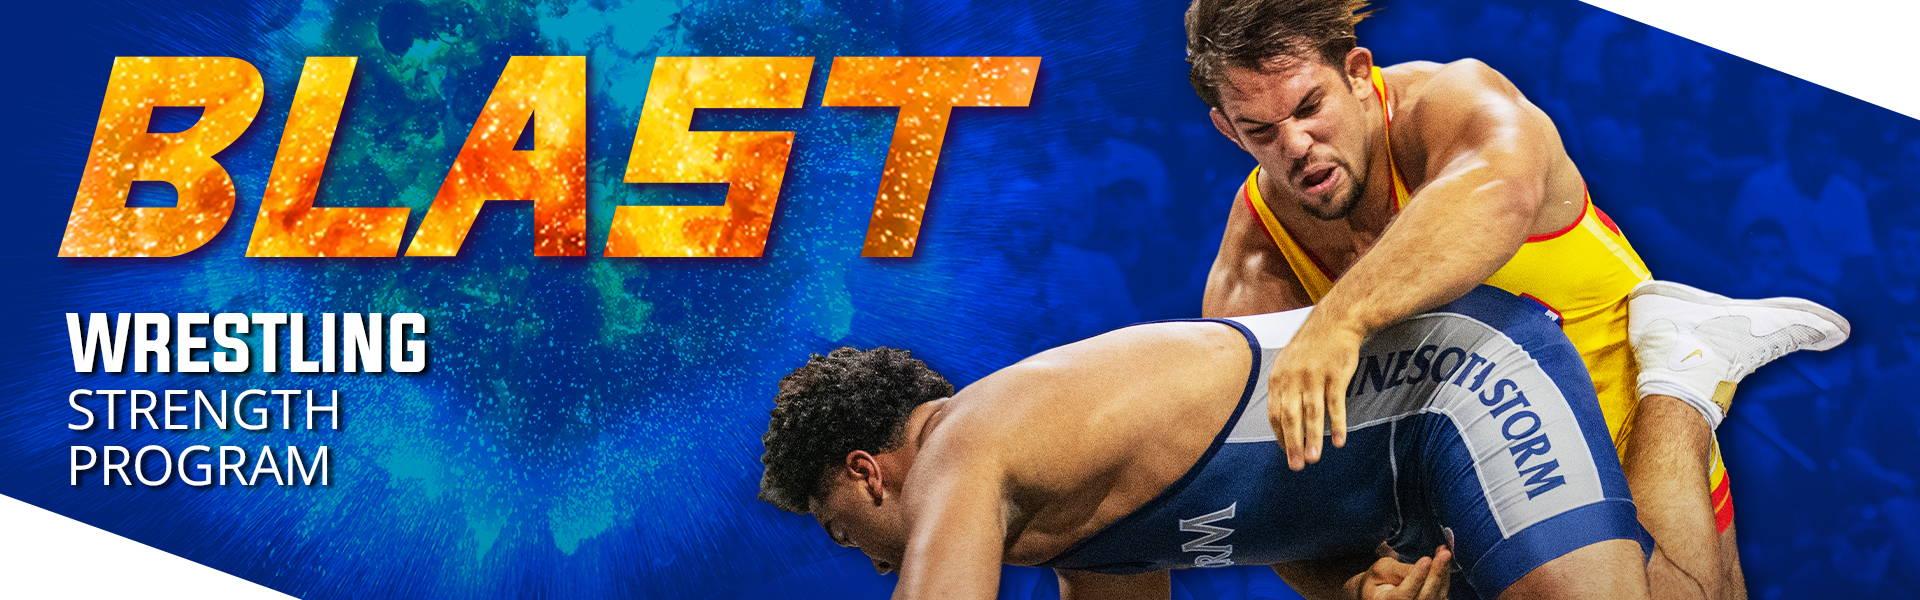 Wrestling Strength